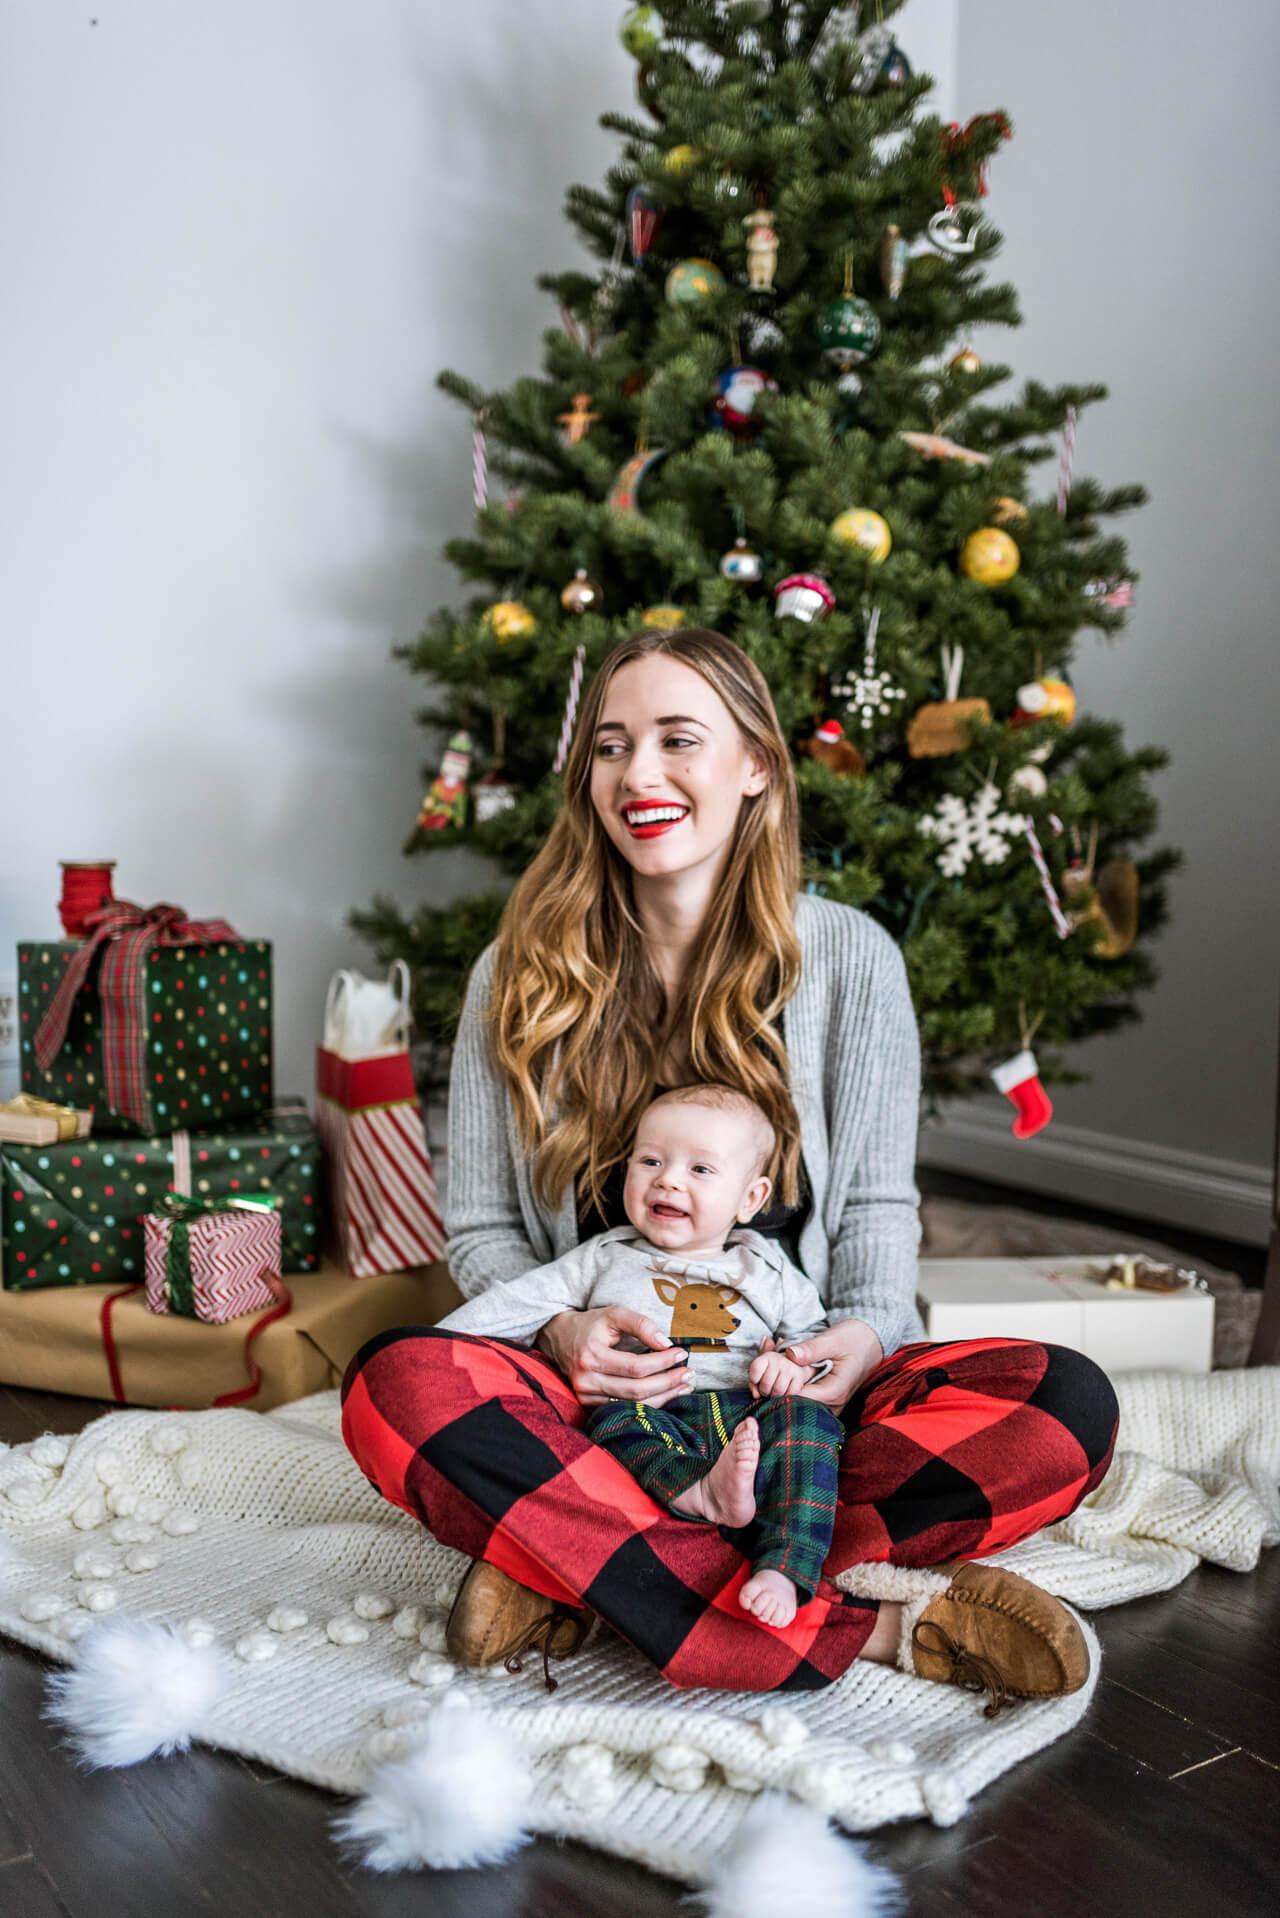 mom and baby christmas pajamas